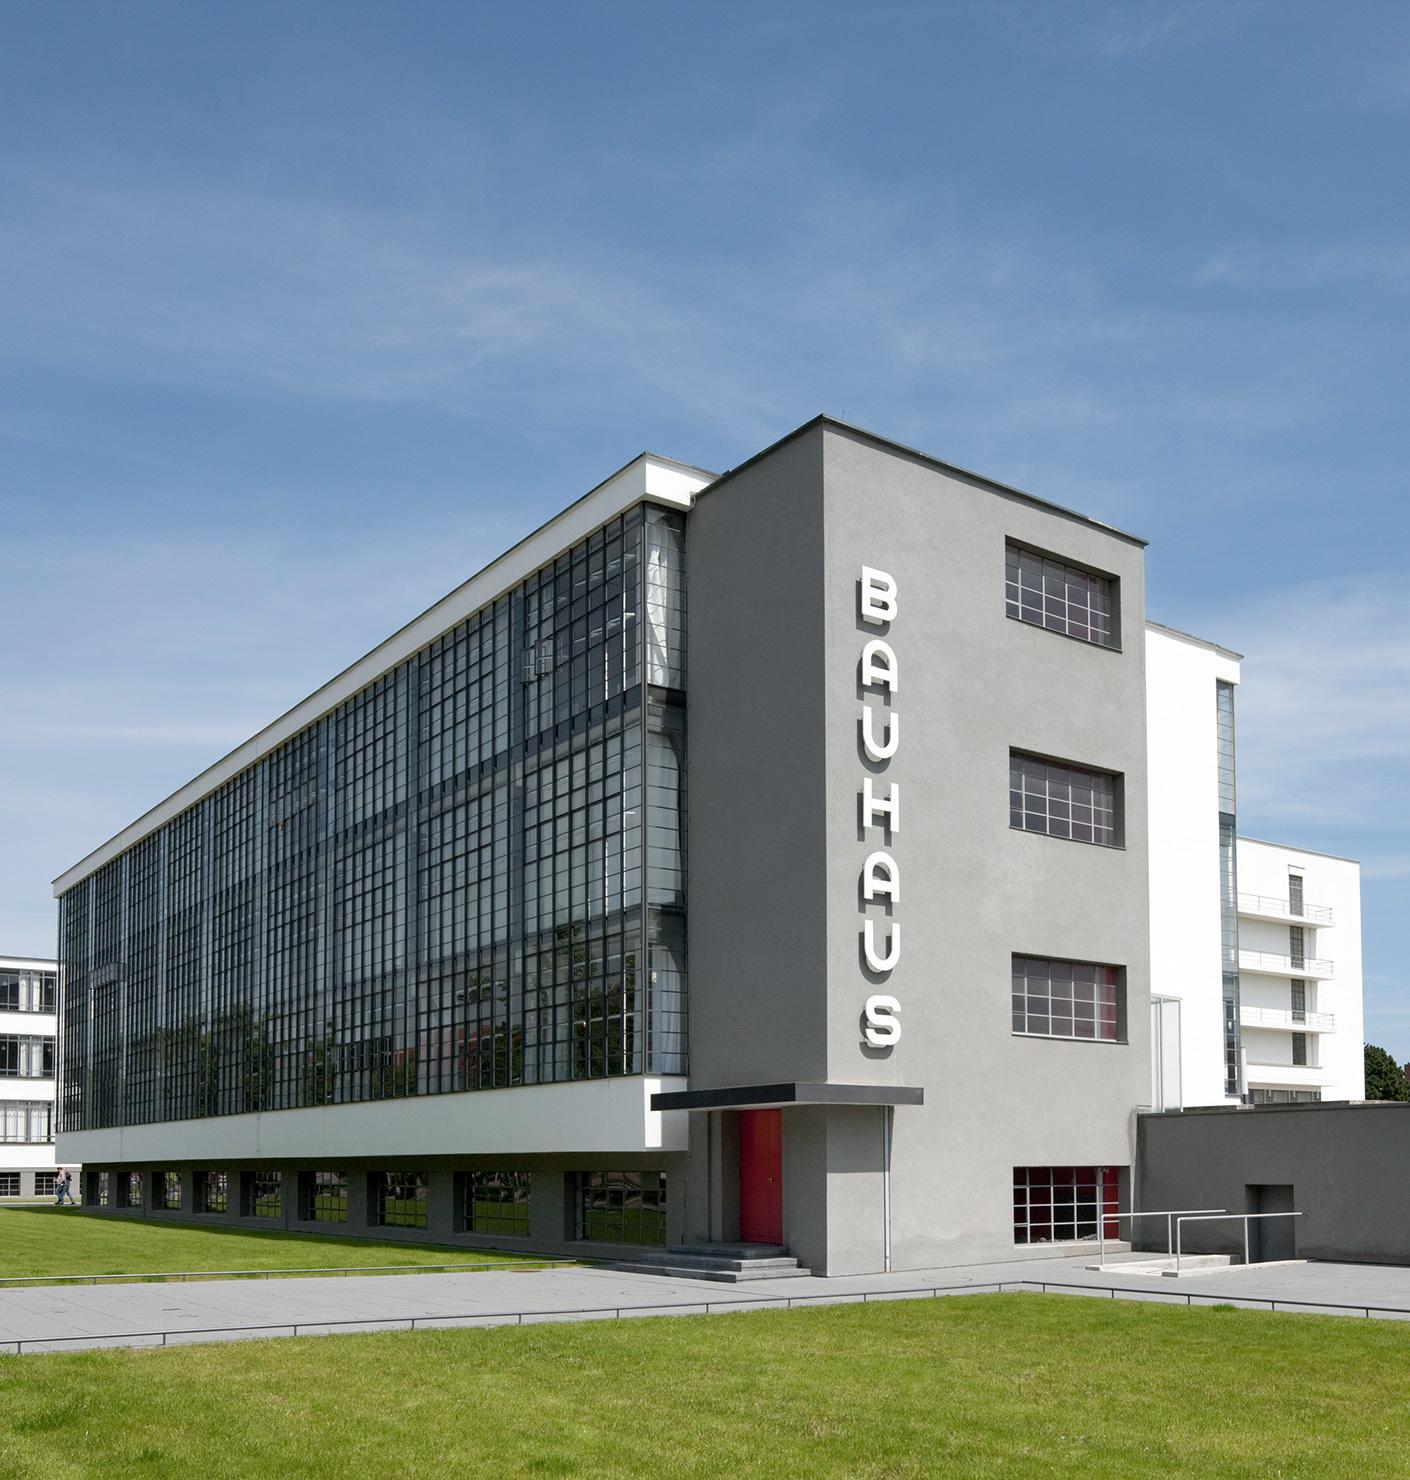 Full Size of Paravent Balkon Bauhaus Dessau Ein Besuch Zum Jubilumsjahr Stylepark Garten Fenster Wohnzimmer Paravent Balkon Bauhaus